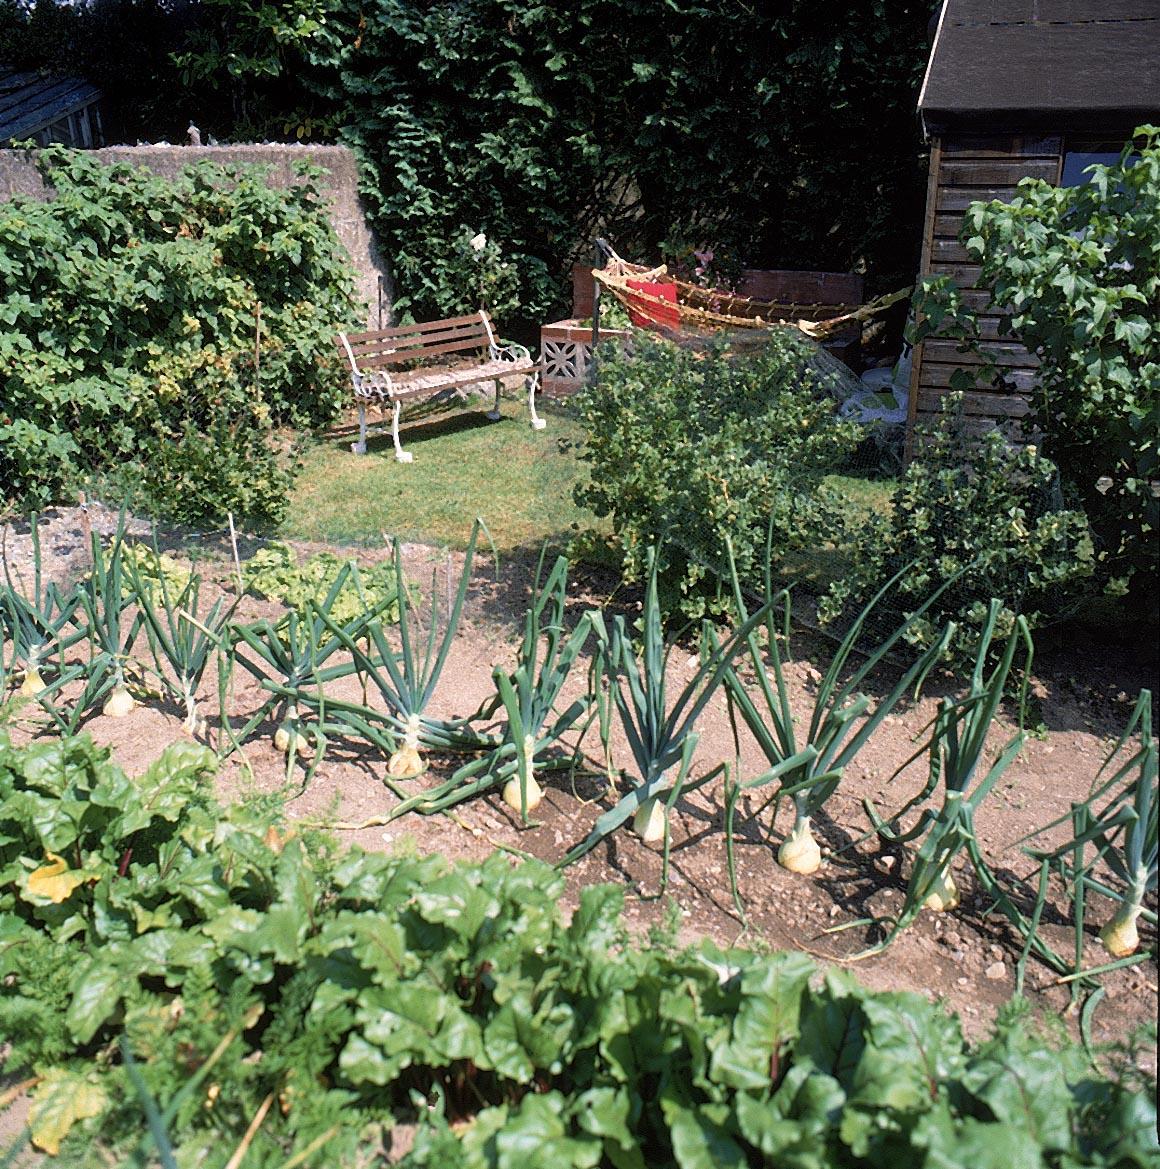 Kitchen Gardening Green Home Landscape Source